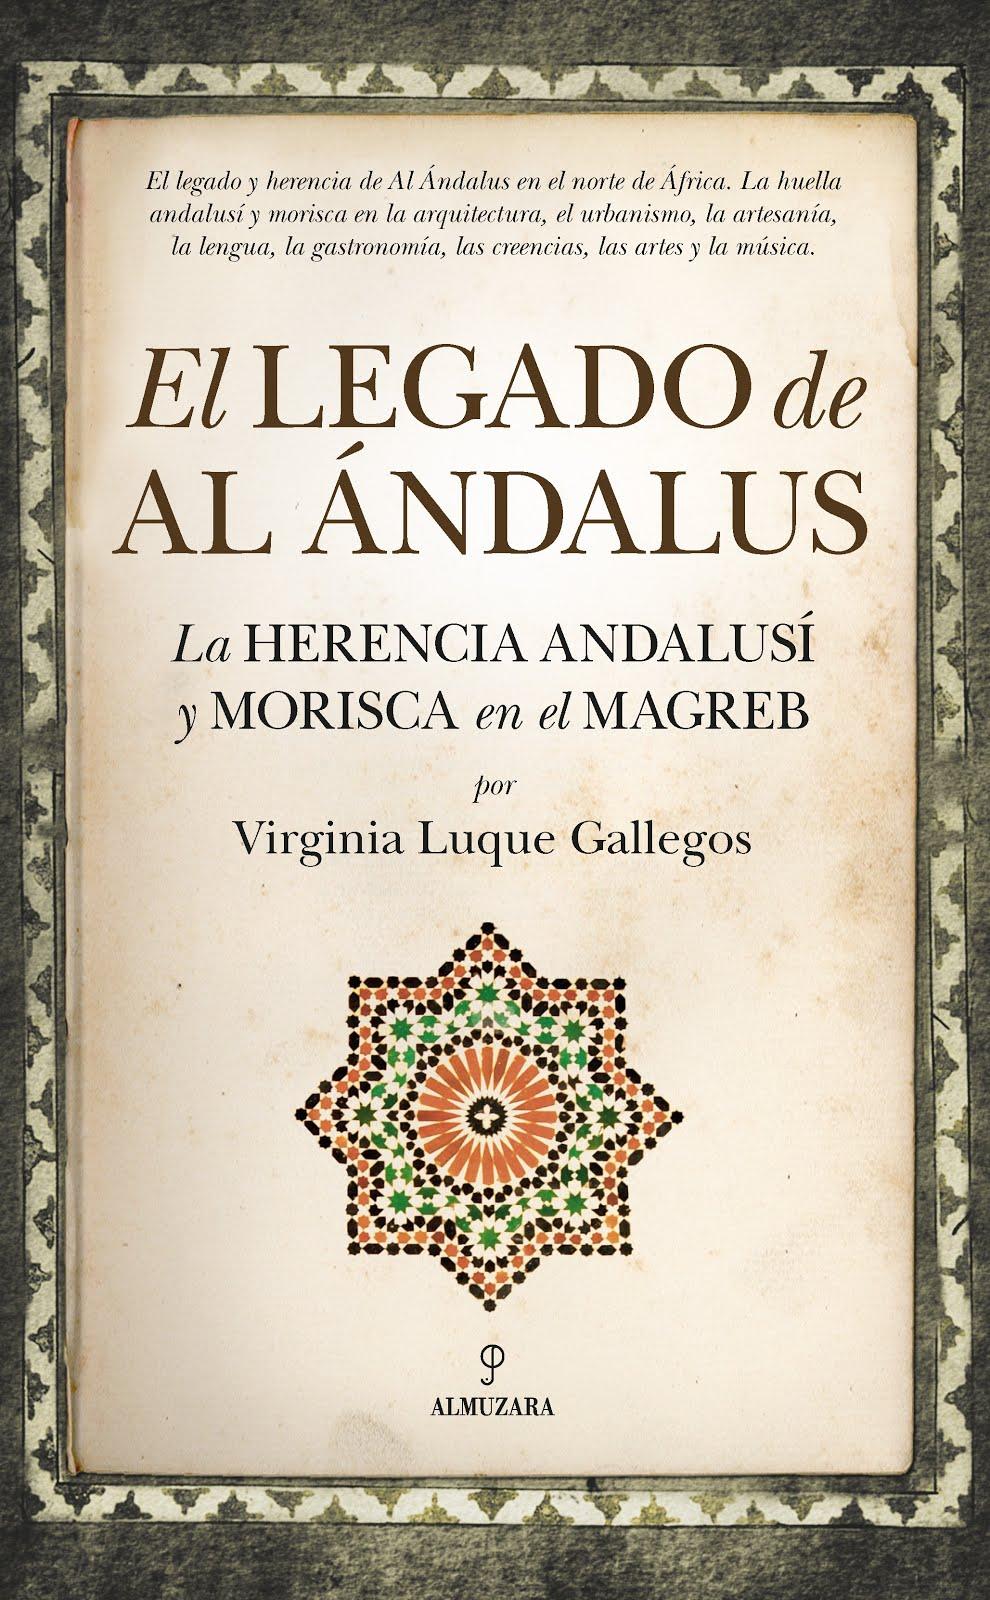 El legado de al-Andalus. La herencia andalusí y morisca en el Magreb (Almuzara. 2017)